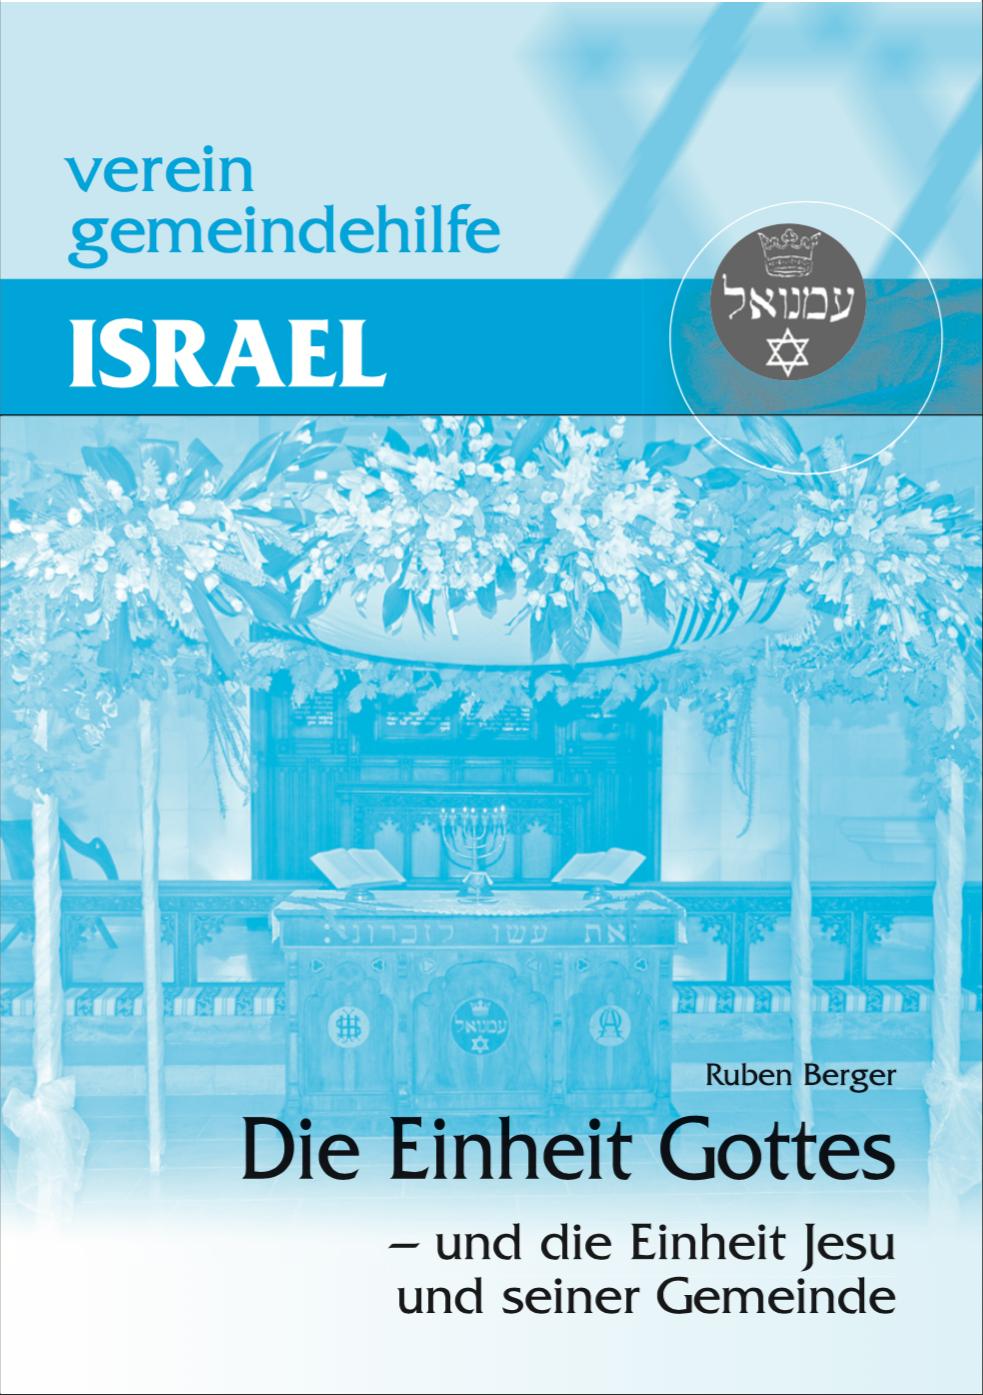 Ruben-Berger-Die-Einheit-Gottes